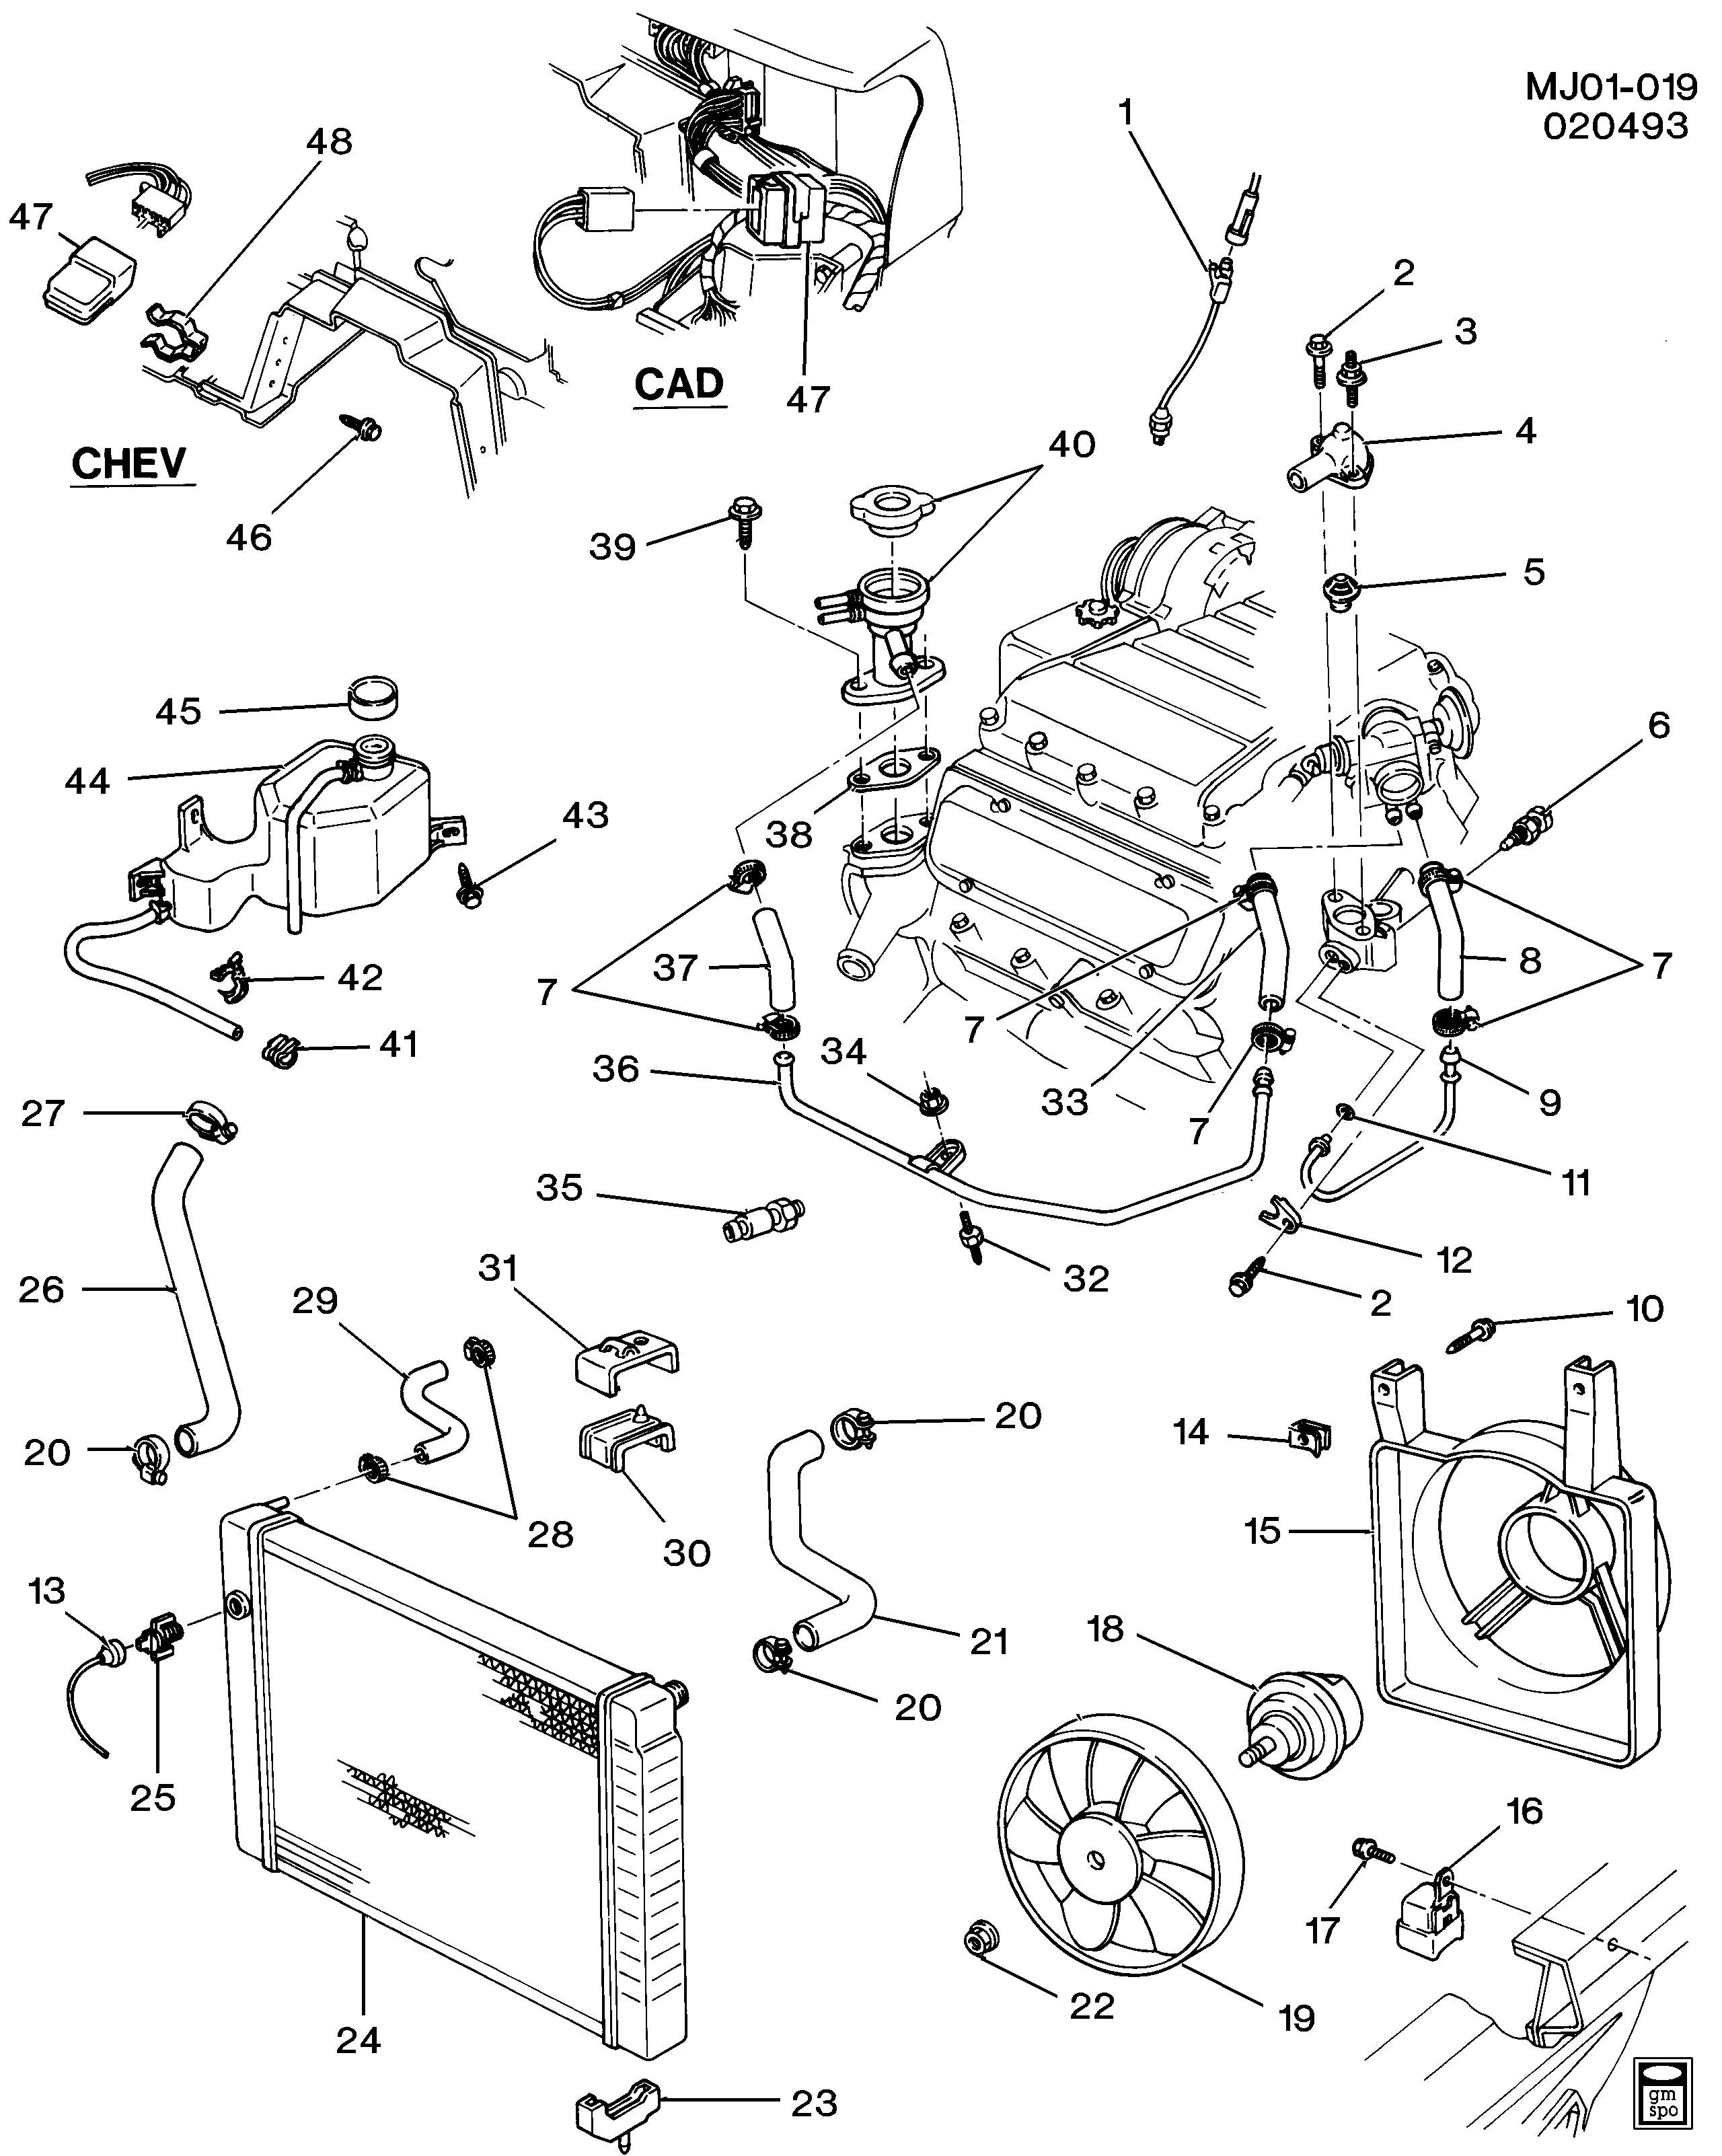 Diagram Of Cooling System for Engine Cadet Engine Cooling System 2 8l V6 Chevrolet Epc Line Of Diagram Of Cooling System for Engine